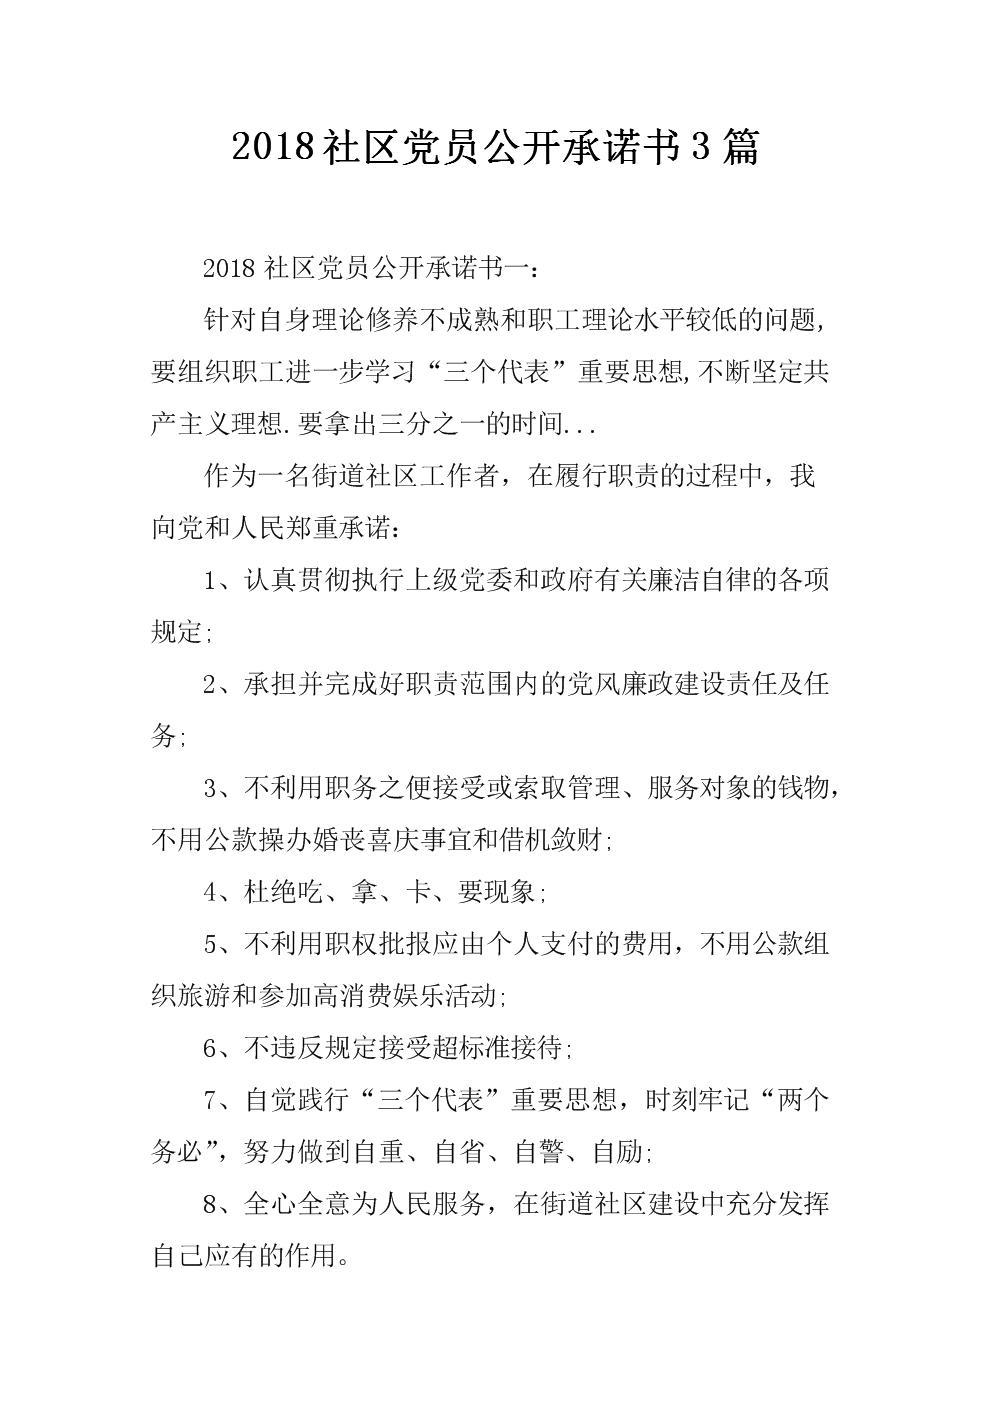 党员公开承诺书(2021年医务人员党员公开承诺书)